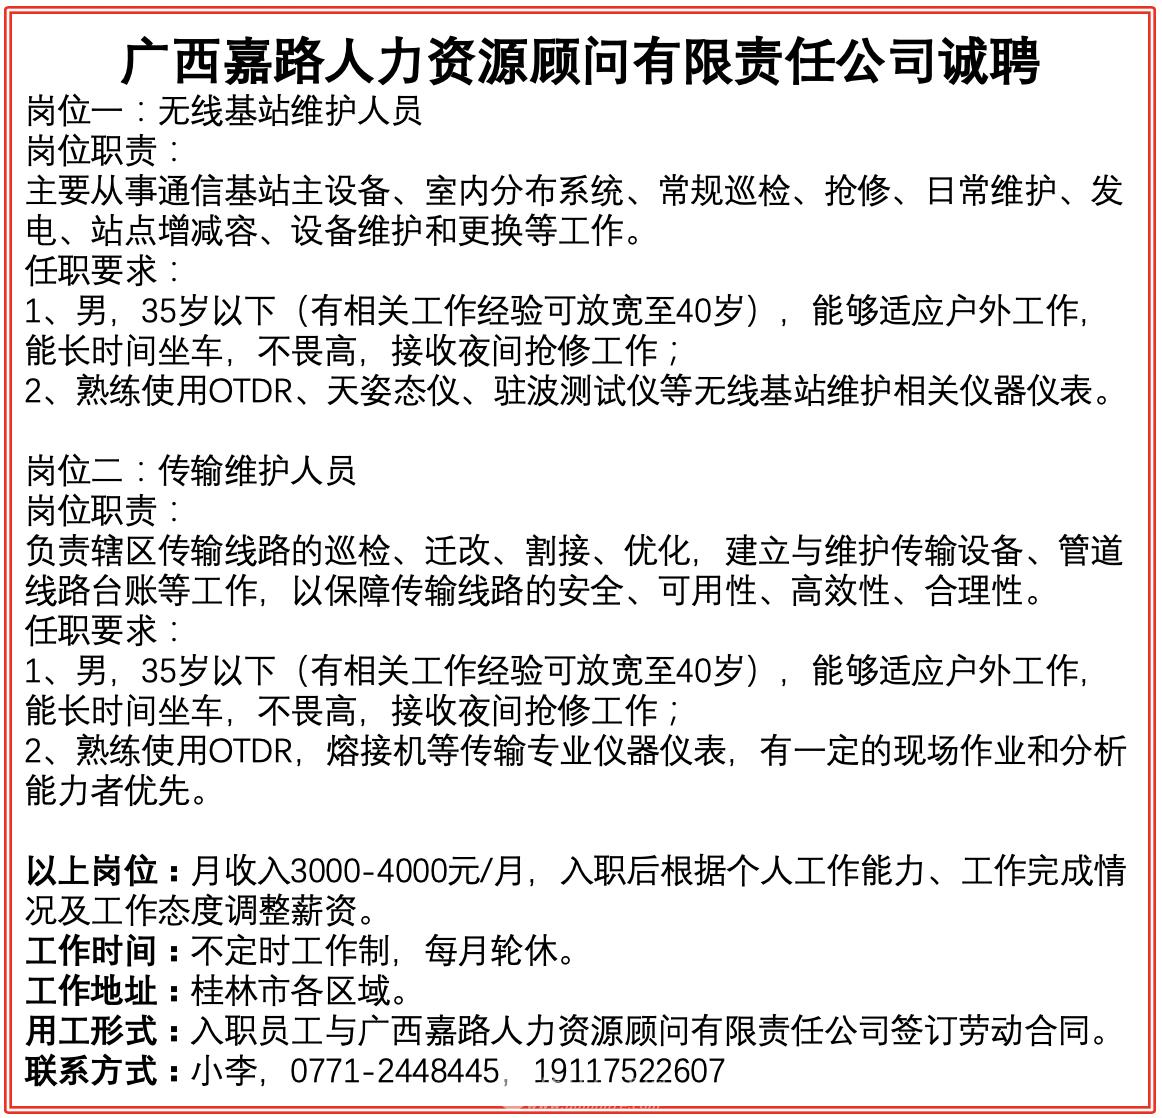 广西嘉路人力资源顾问有限责任公司高薪诚聘